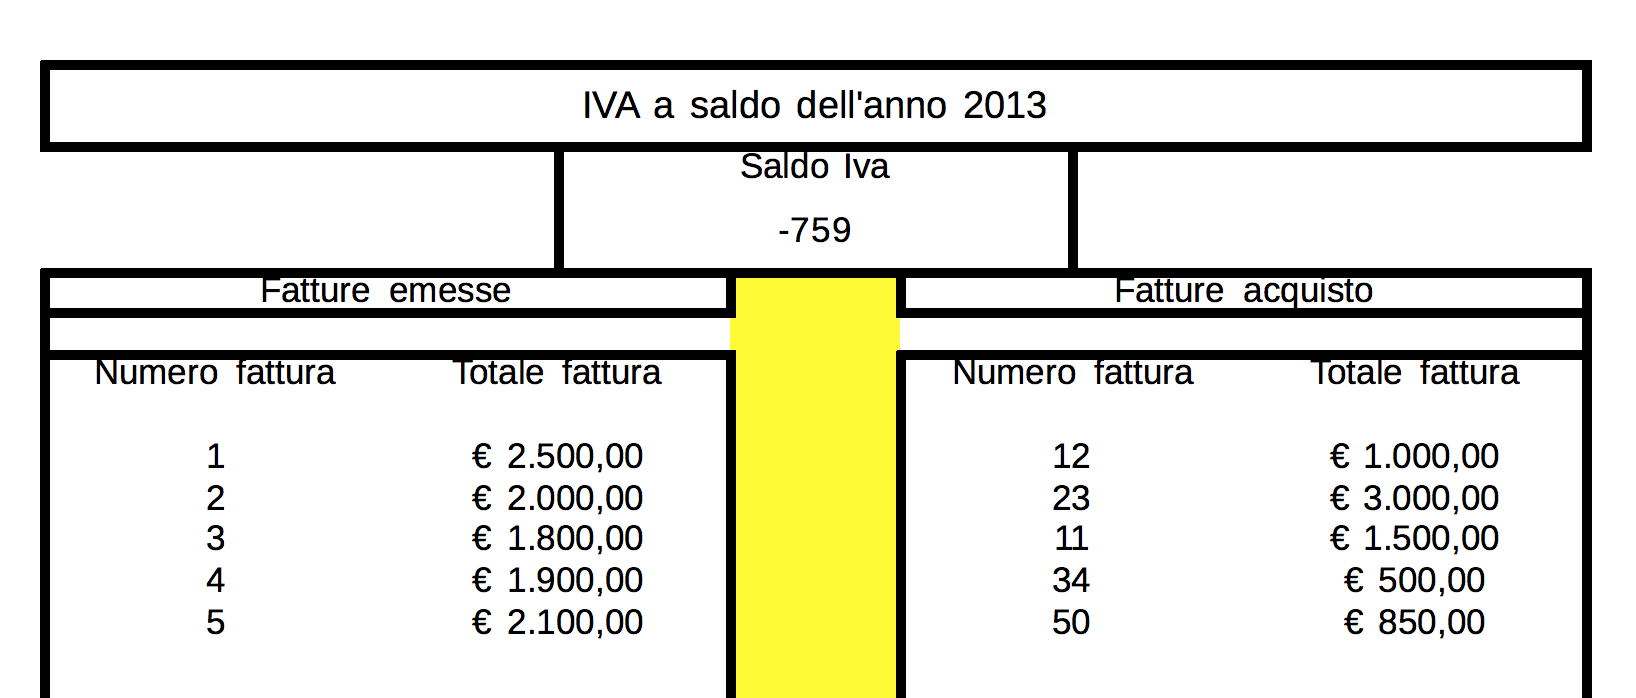 Screen Shot 2014 04 04 at 16.10.45 Come Creare un calcolatore IVA a saldo con Excel